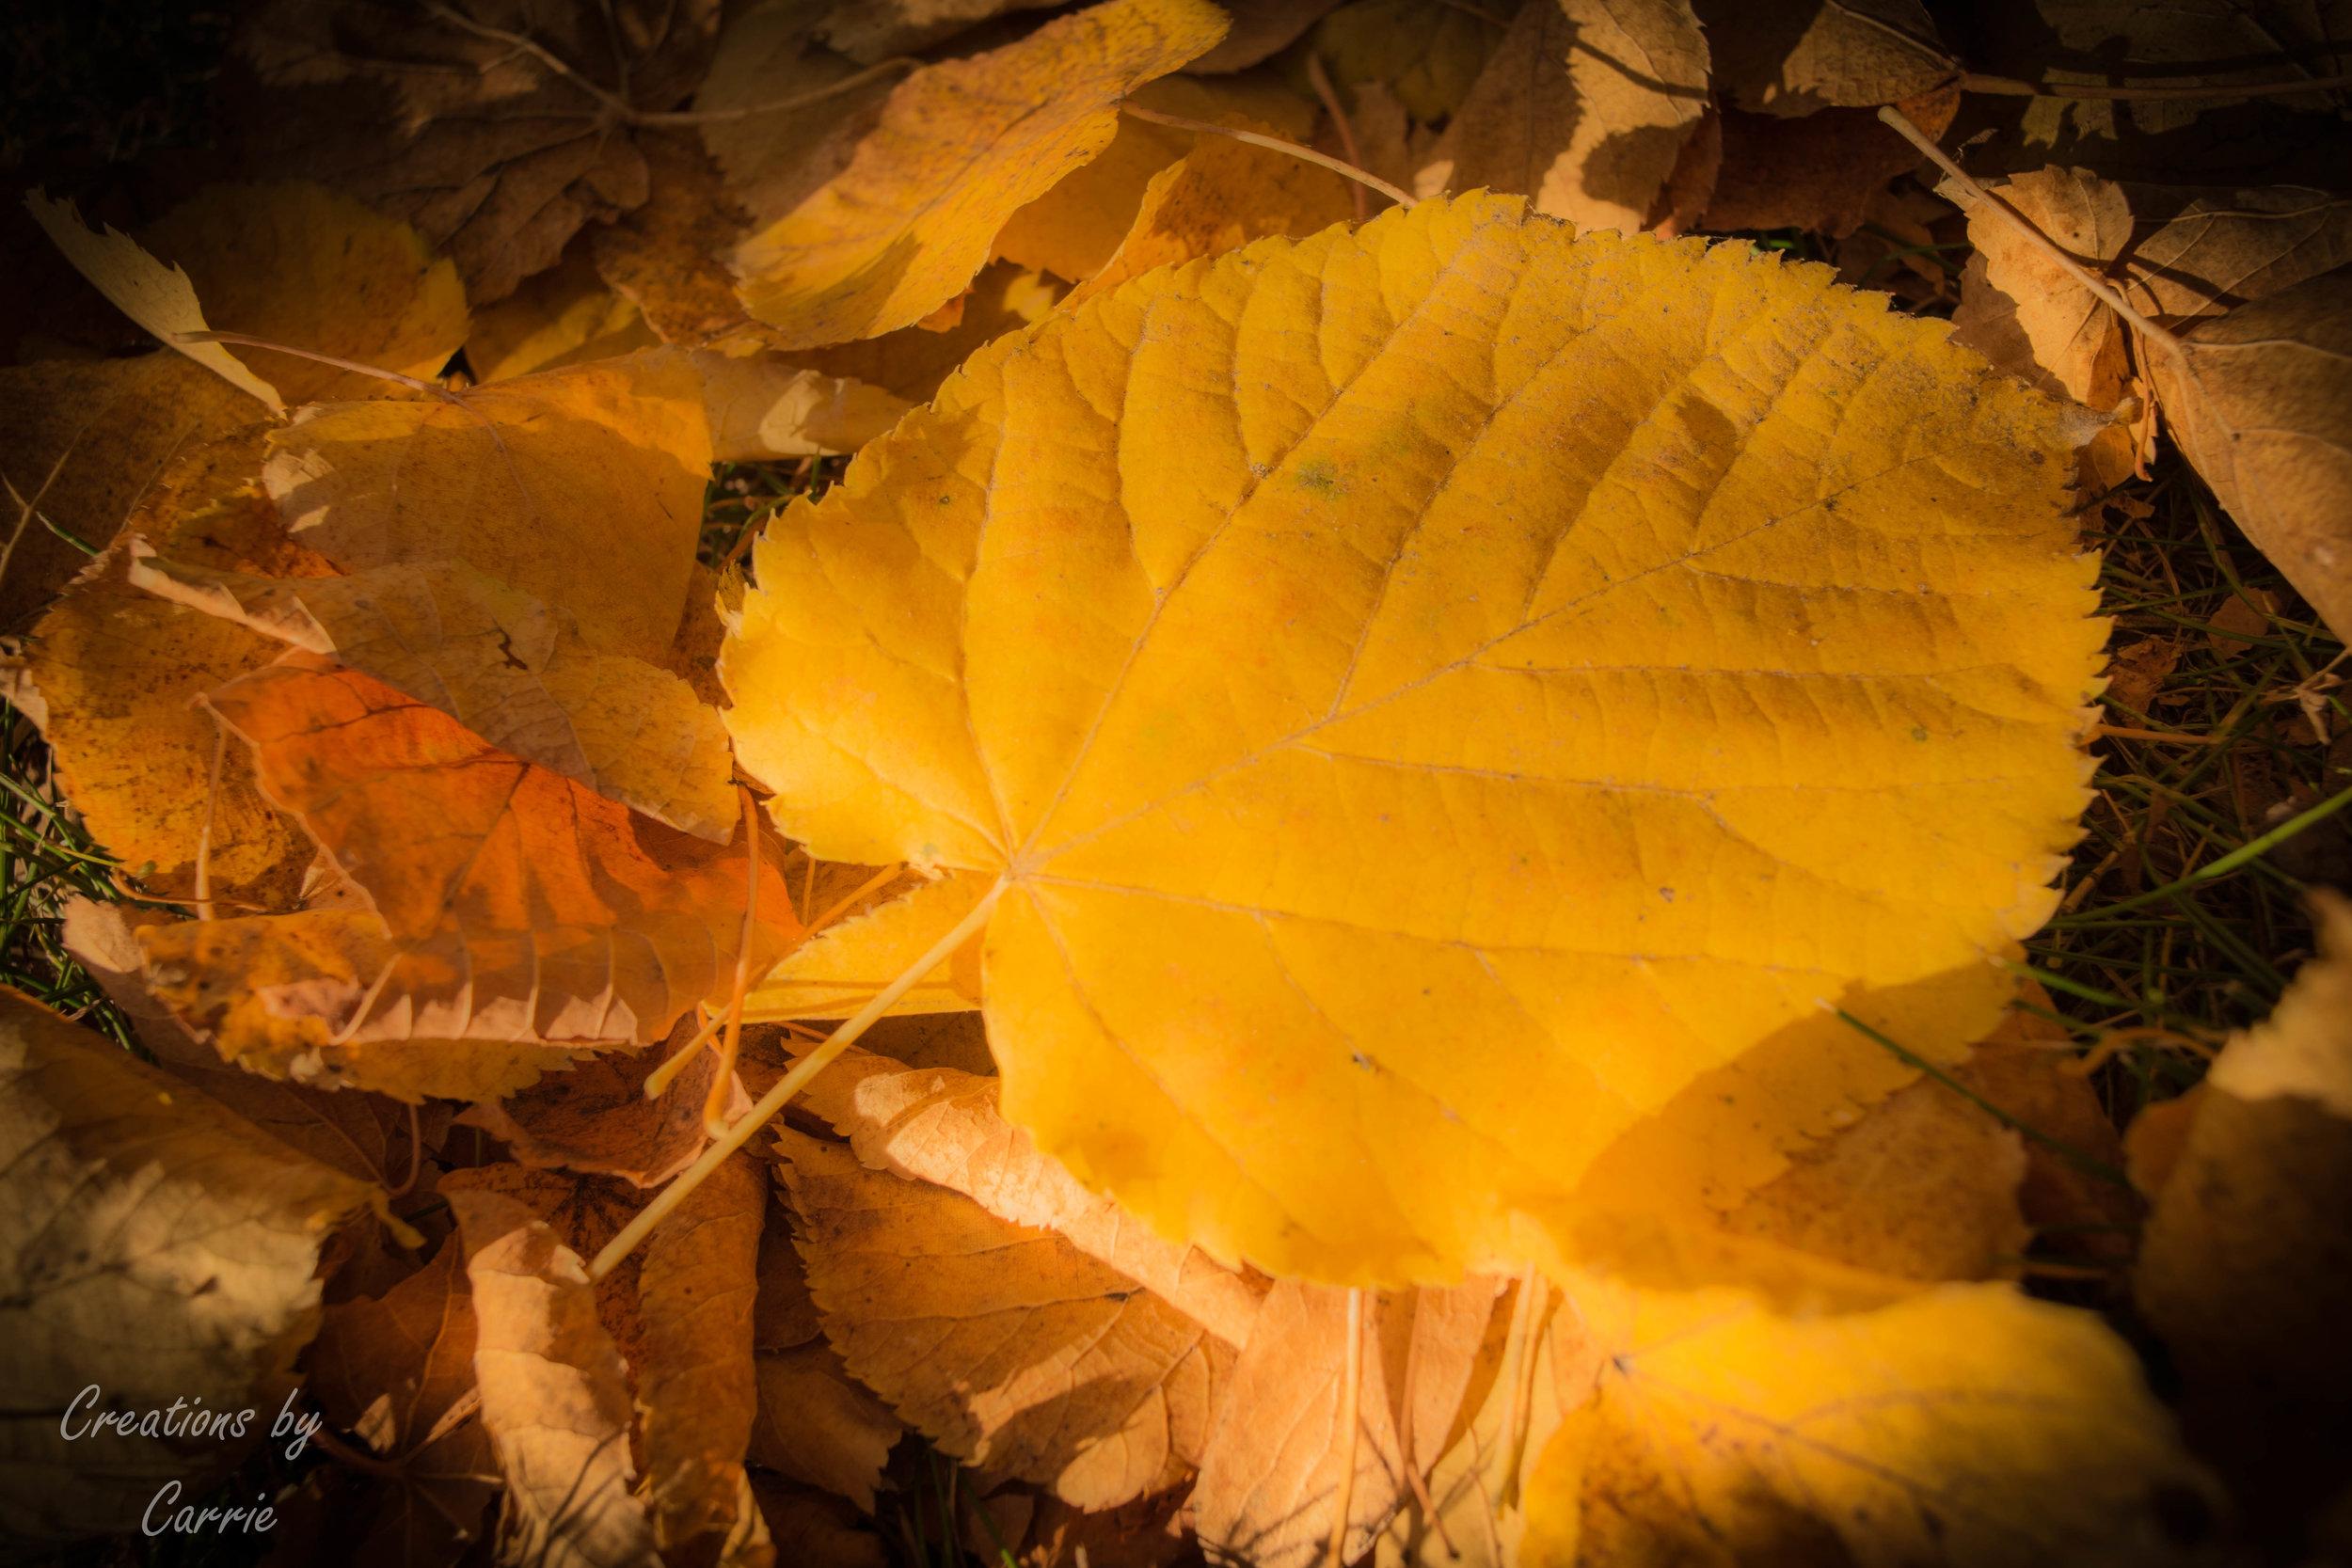 DSC_0047 Leaf on Fire.jpg